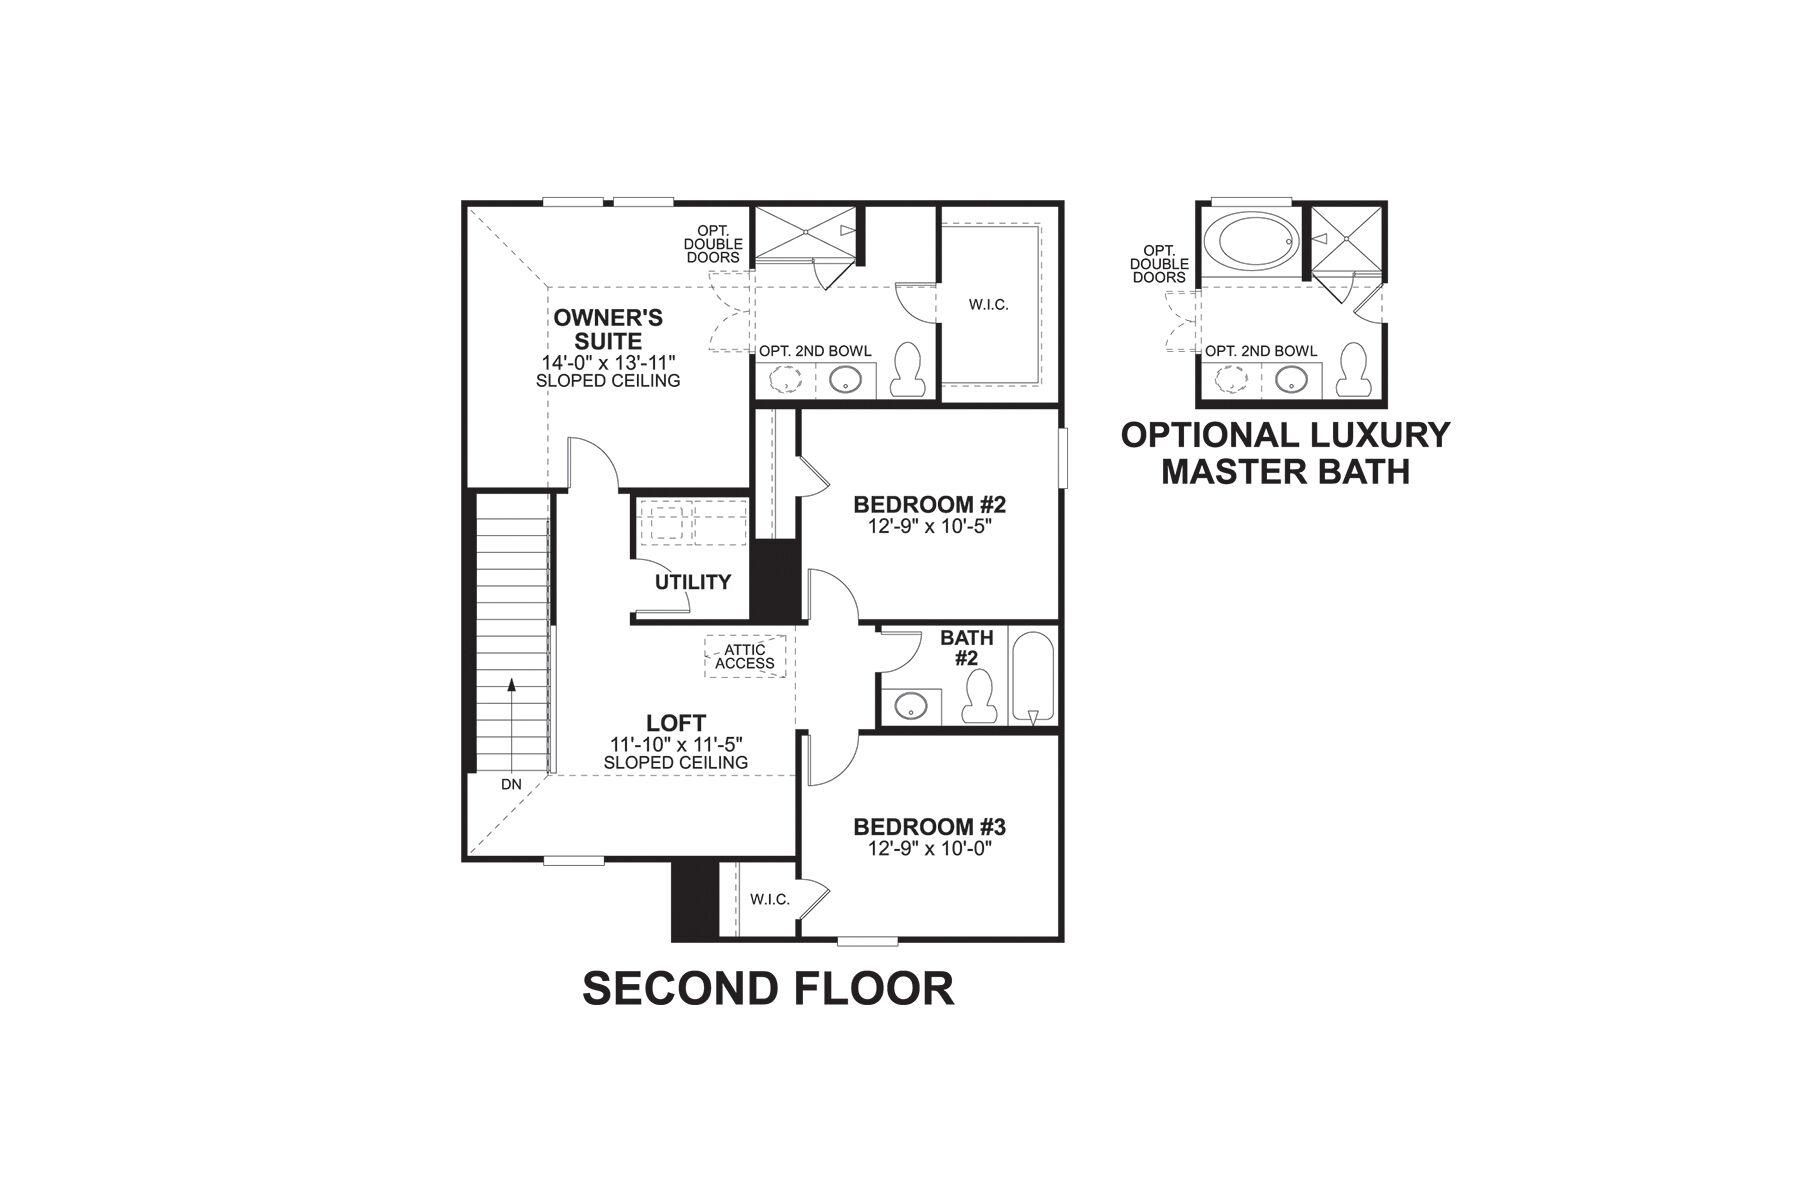 Verbena Second Floor